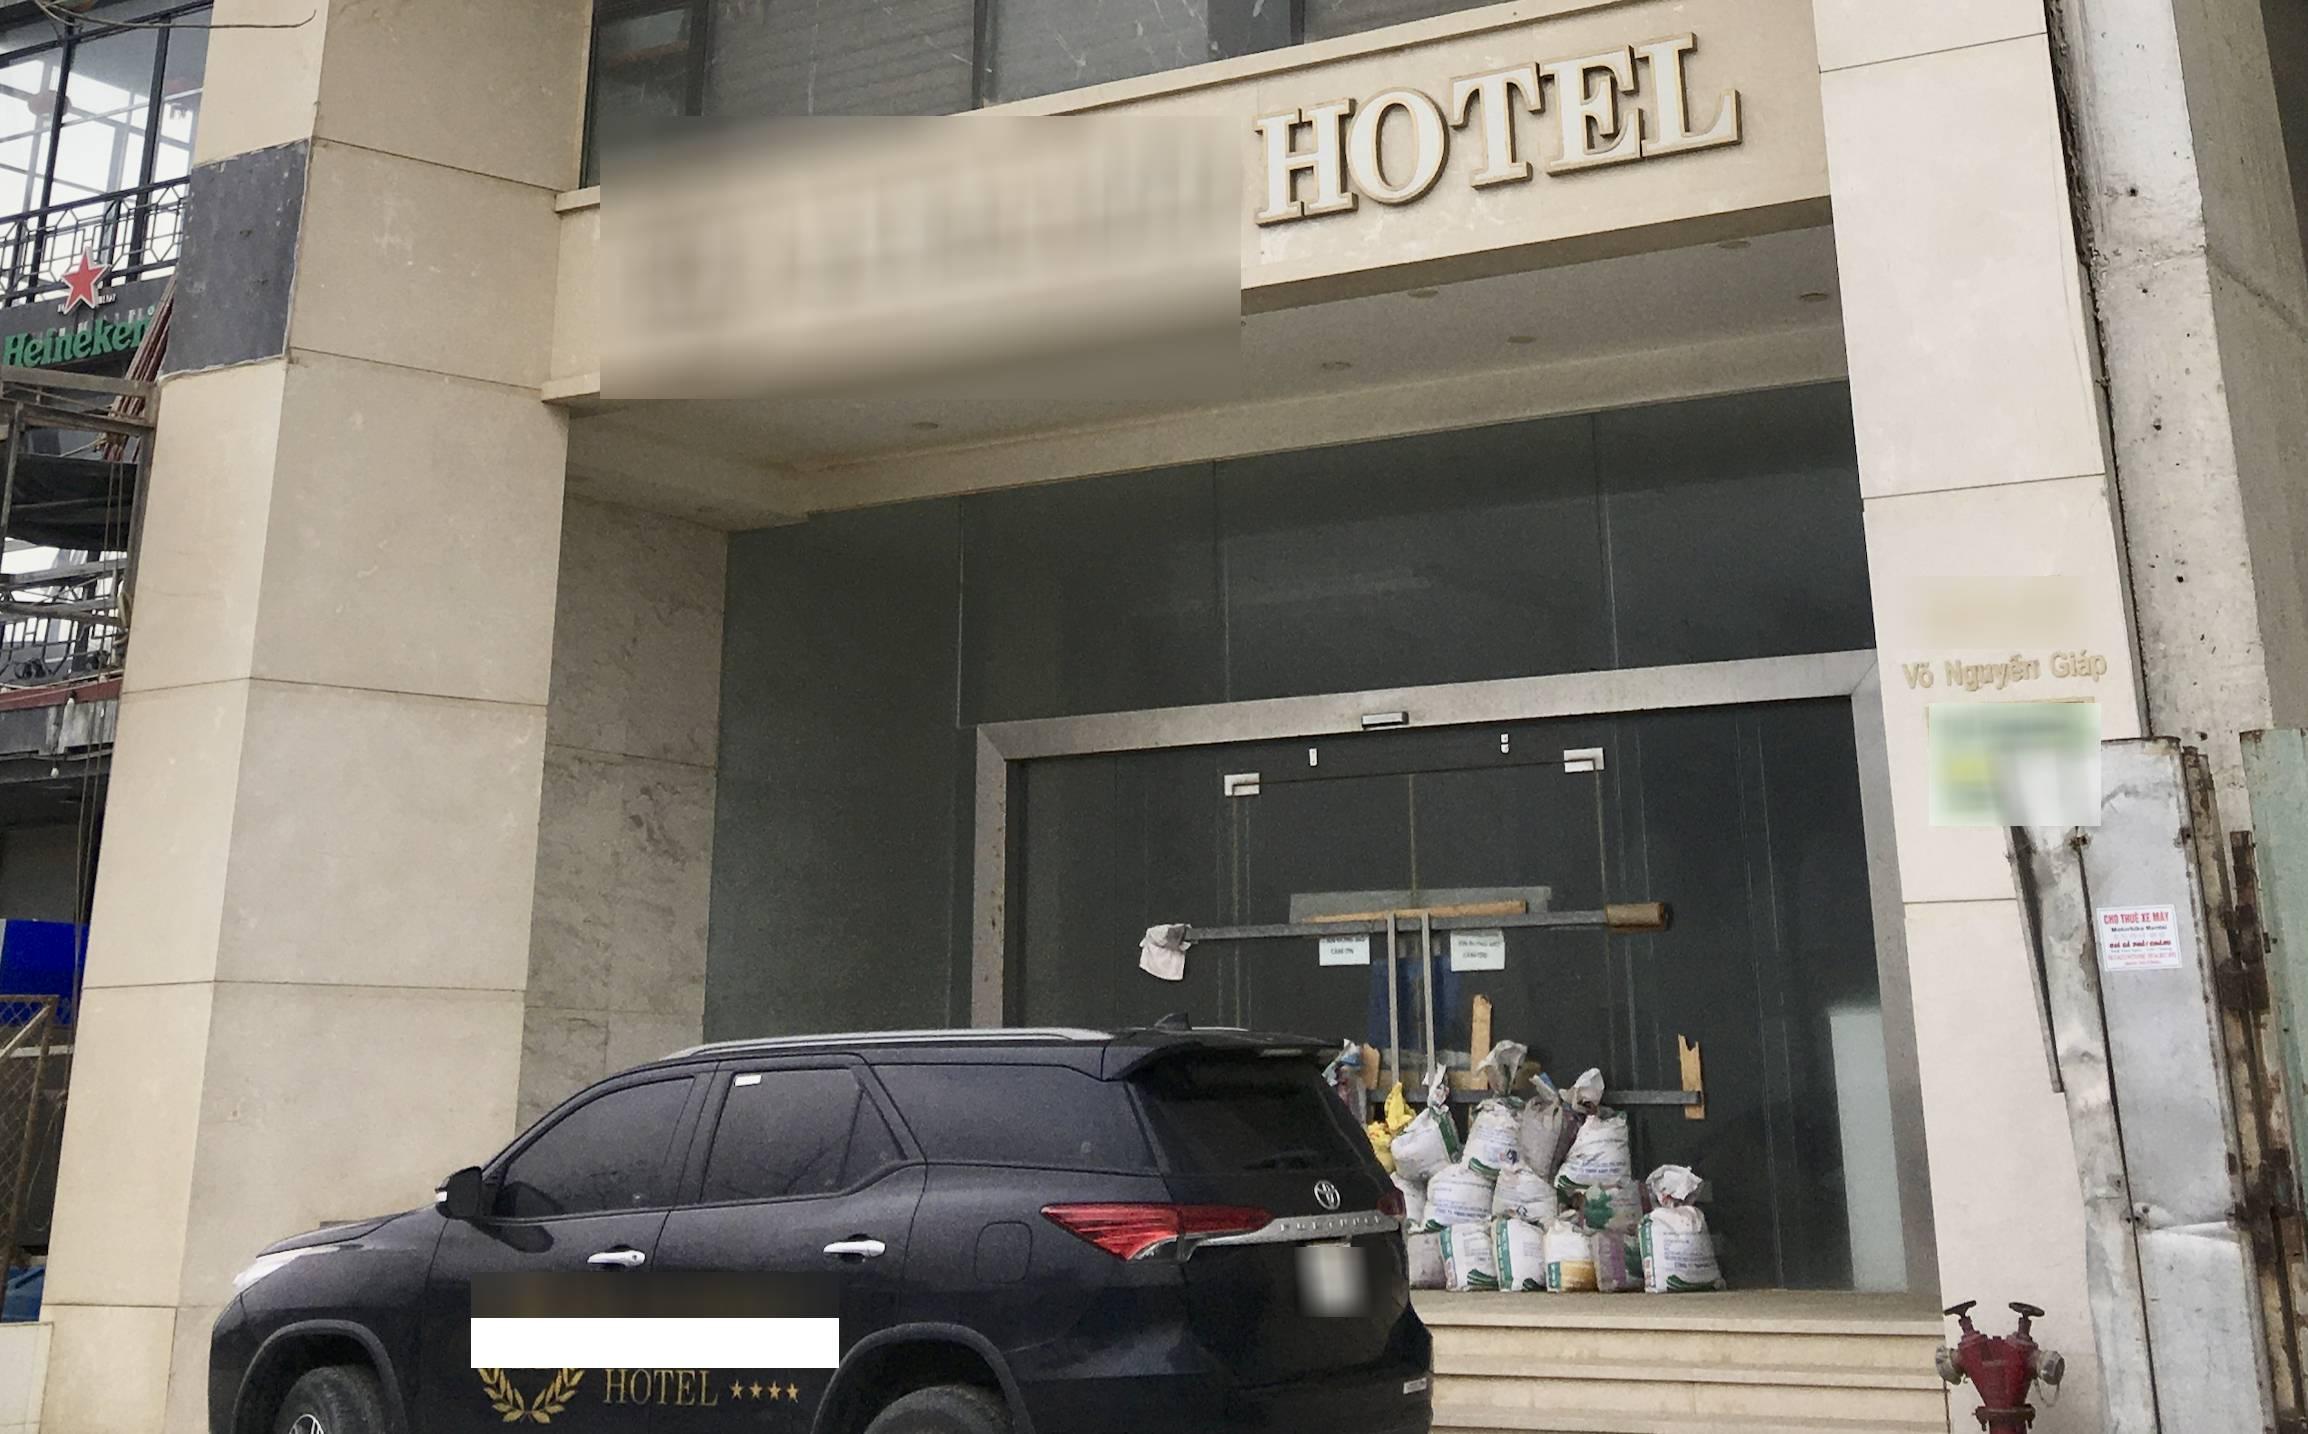 Bước sang 2021, nhiều khách sạn Đà Nẵng vẫn đóng cửa, mặt bằng cho thuê treo gần một năm vẫn bỏ trống - Ảnh 4.